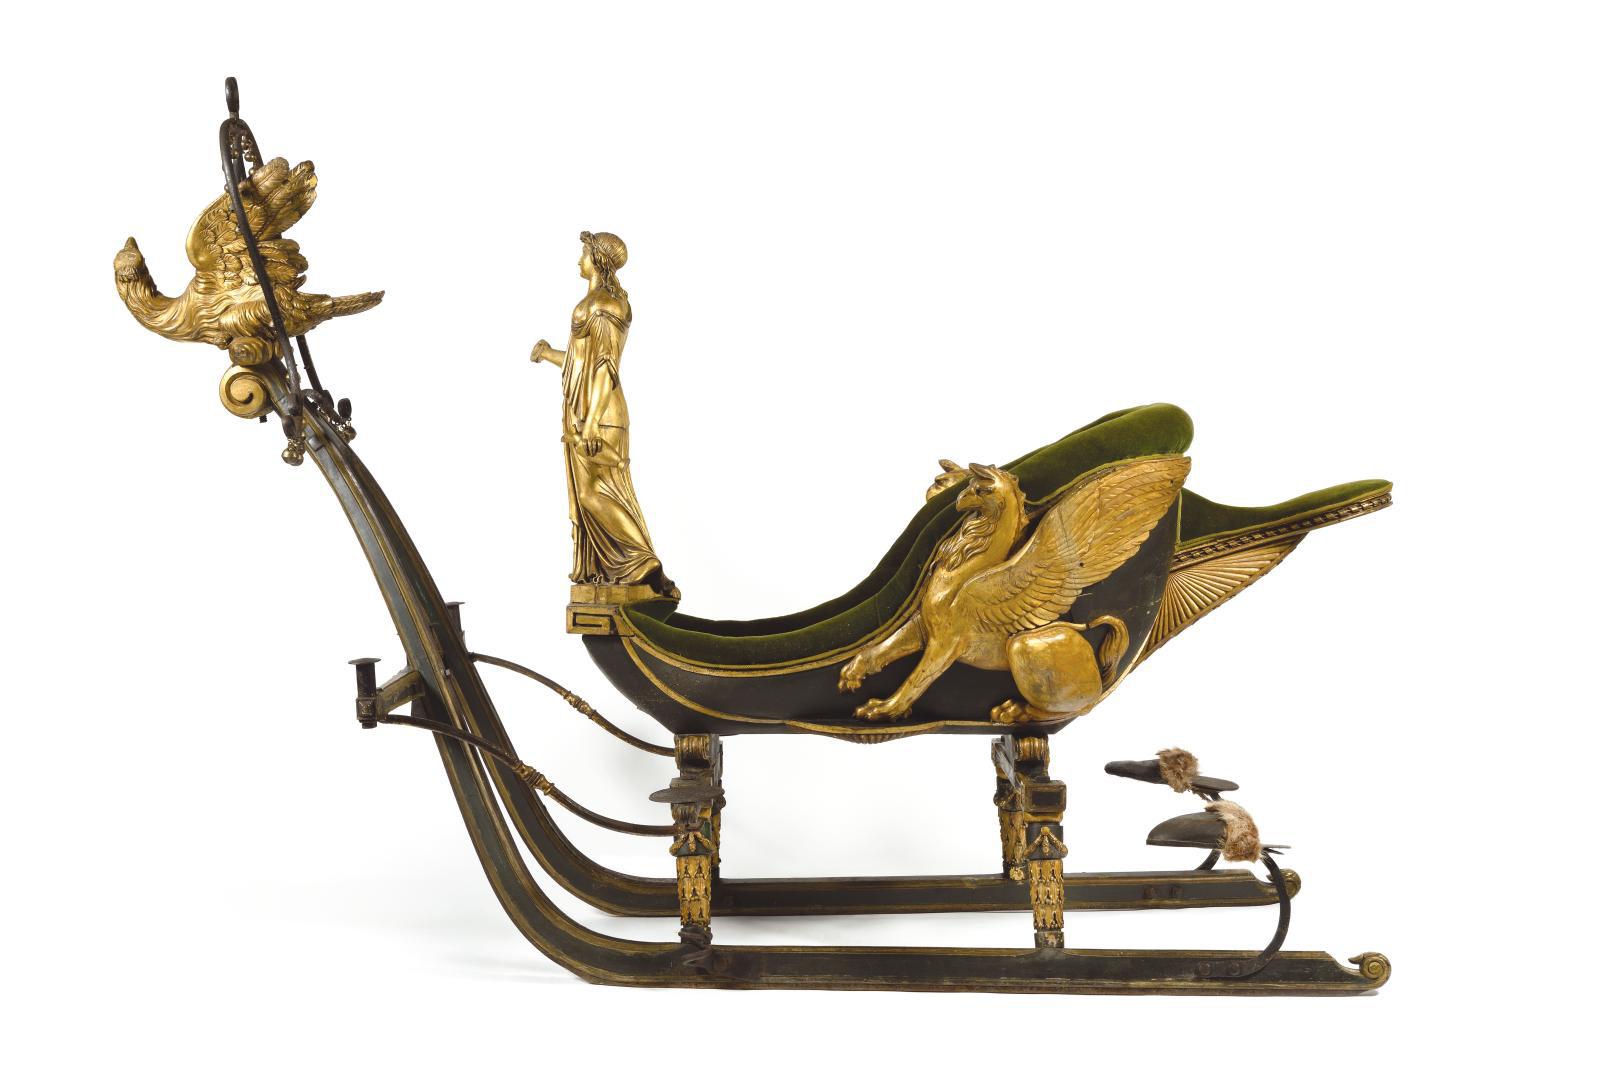 After preempting various vehicle models with the same auction house on April 18, the Musée National de la Voiture at the Château de Compiè